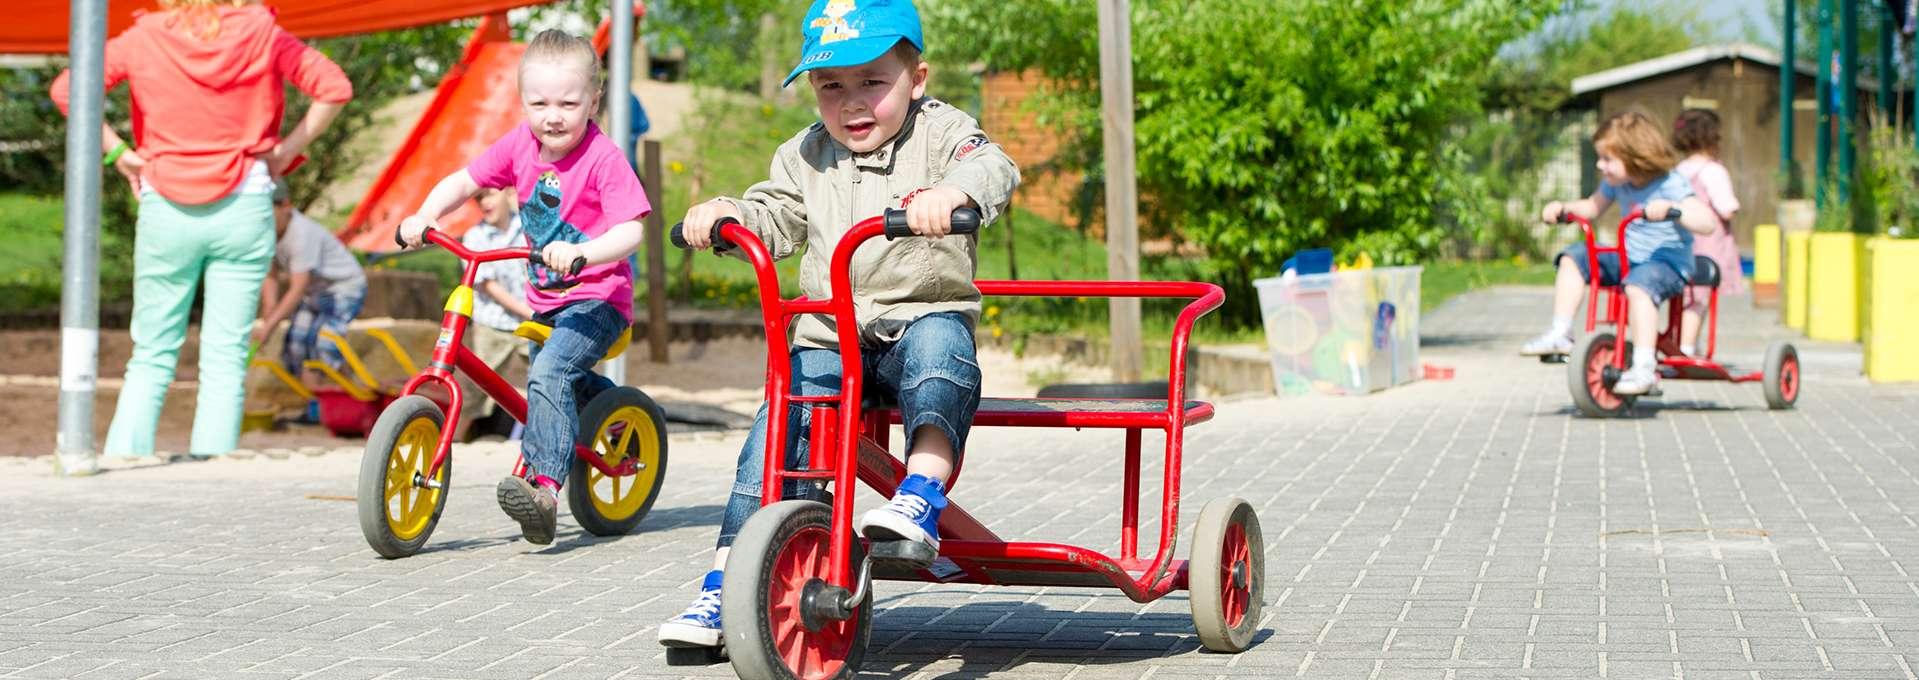 Headerbild Unser Engagement für Kinder: Kindergruppe mit Dreirädern